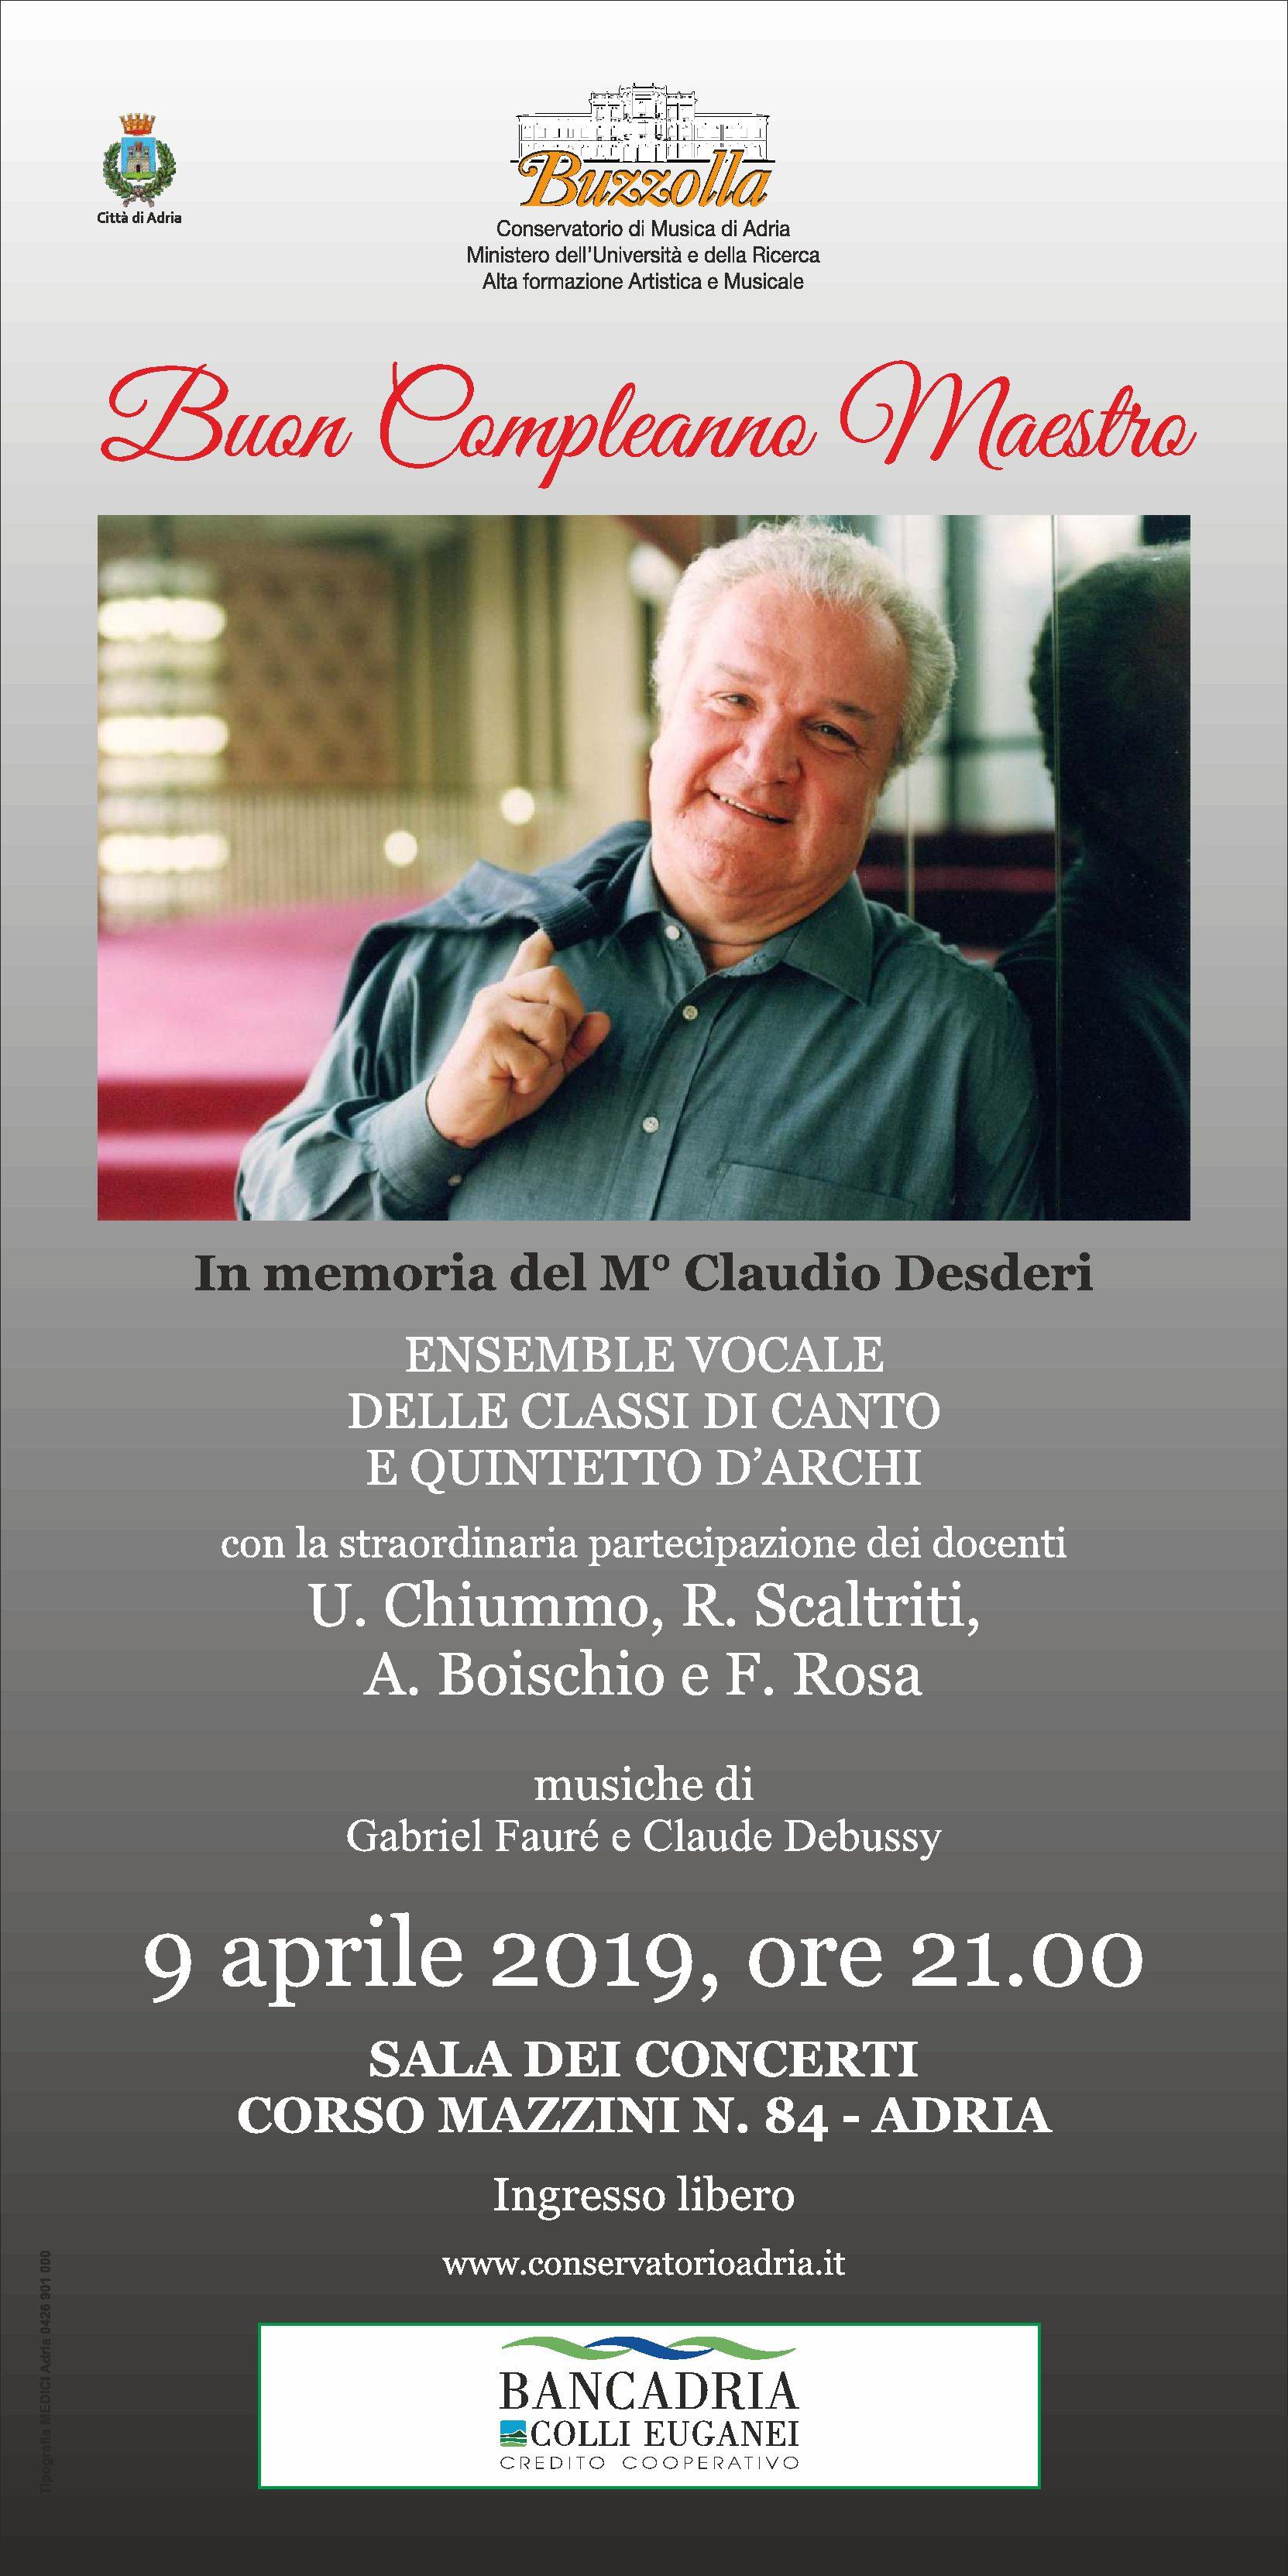 """Concerto """"Buon Compleanno Maestro"""" – 9 aprile 2019, ore 21.00"""